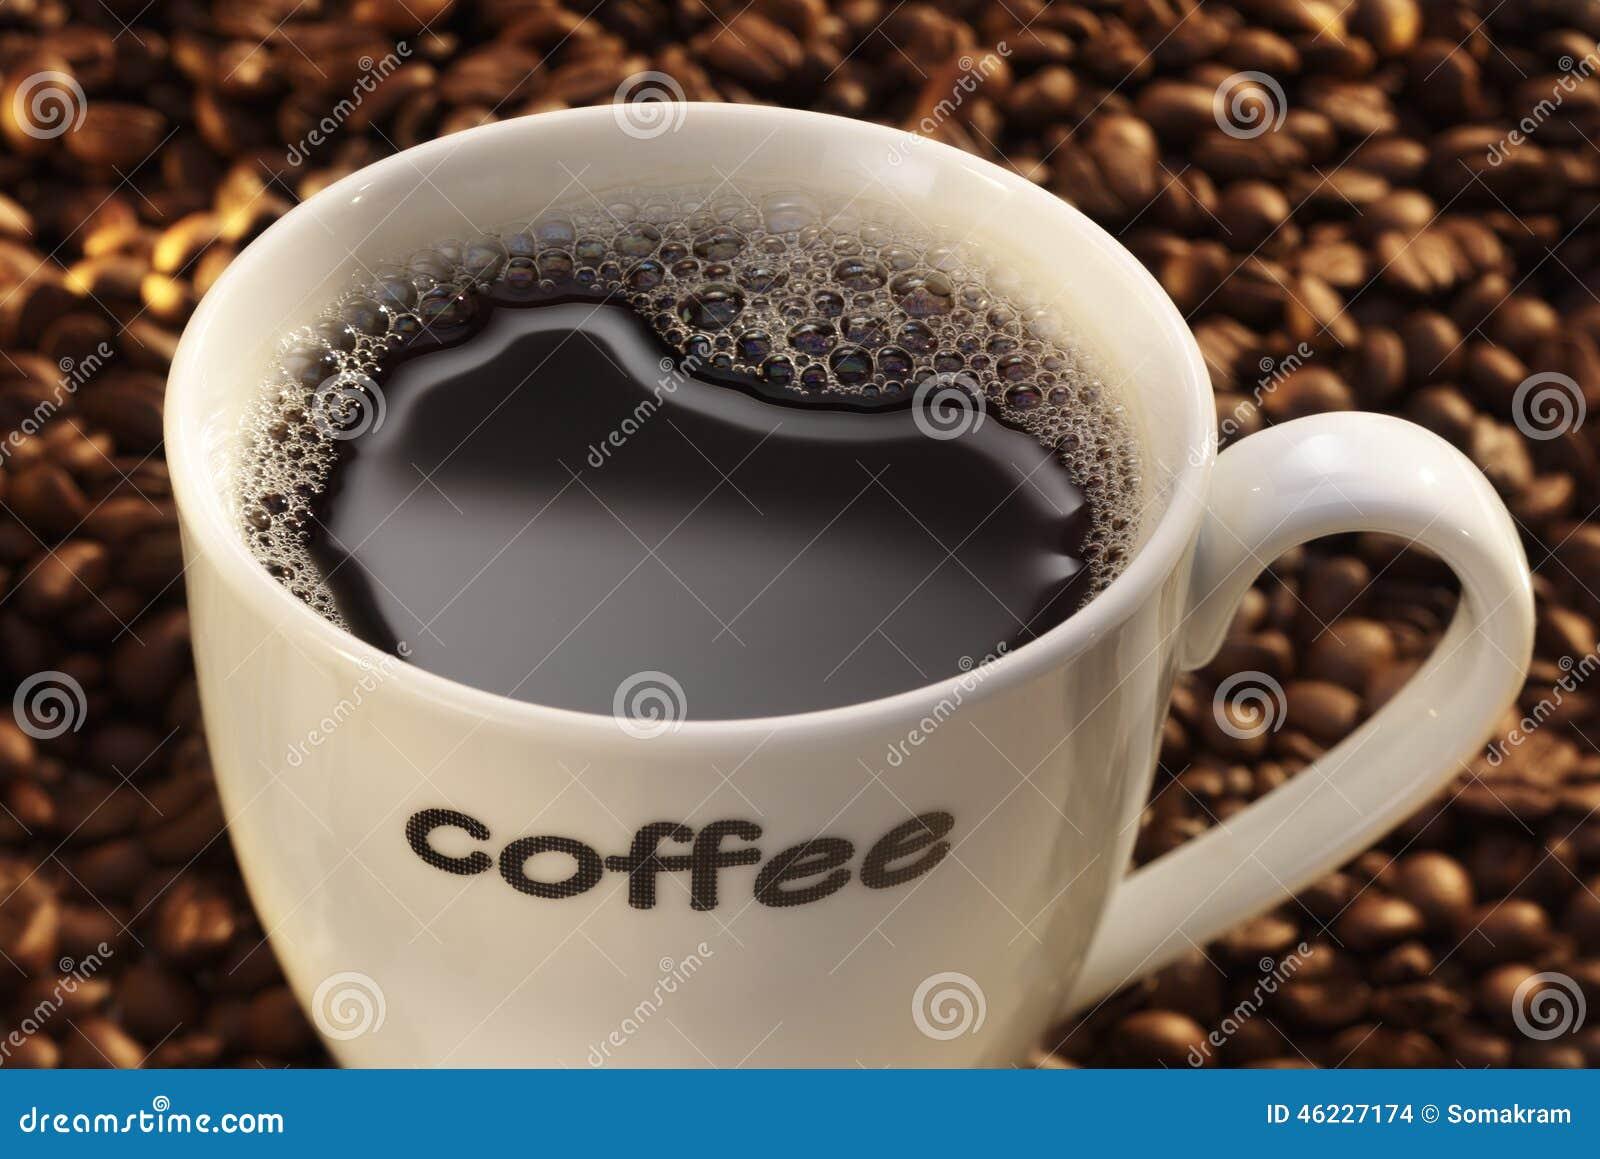 Kaffejpgen rånar